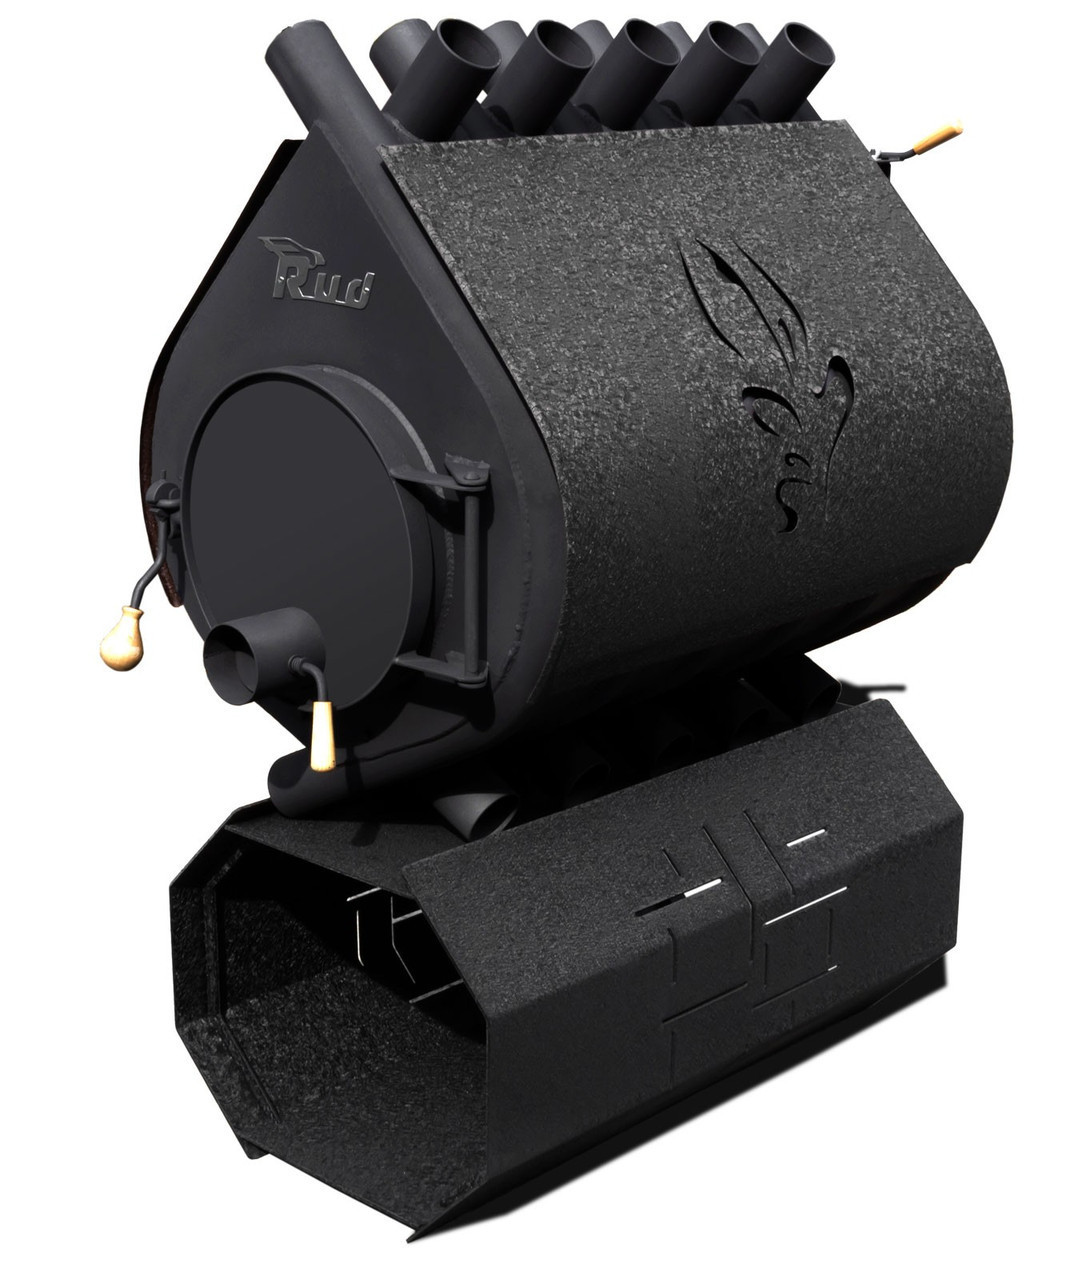 Отопительная конвекционная печь Rud Pyrotron Кантри 03 обшивка декоративная (бордовая, черная, коричневая)